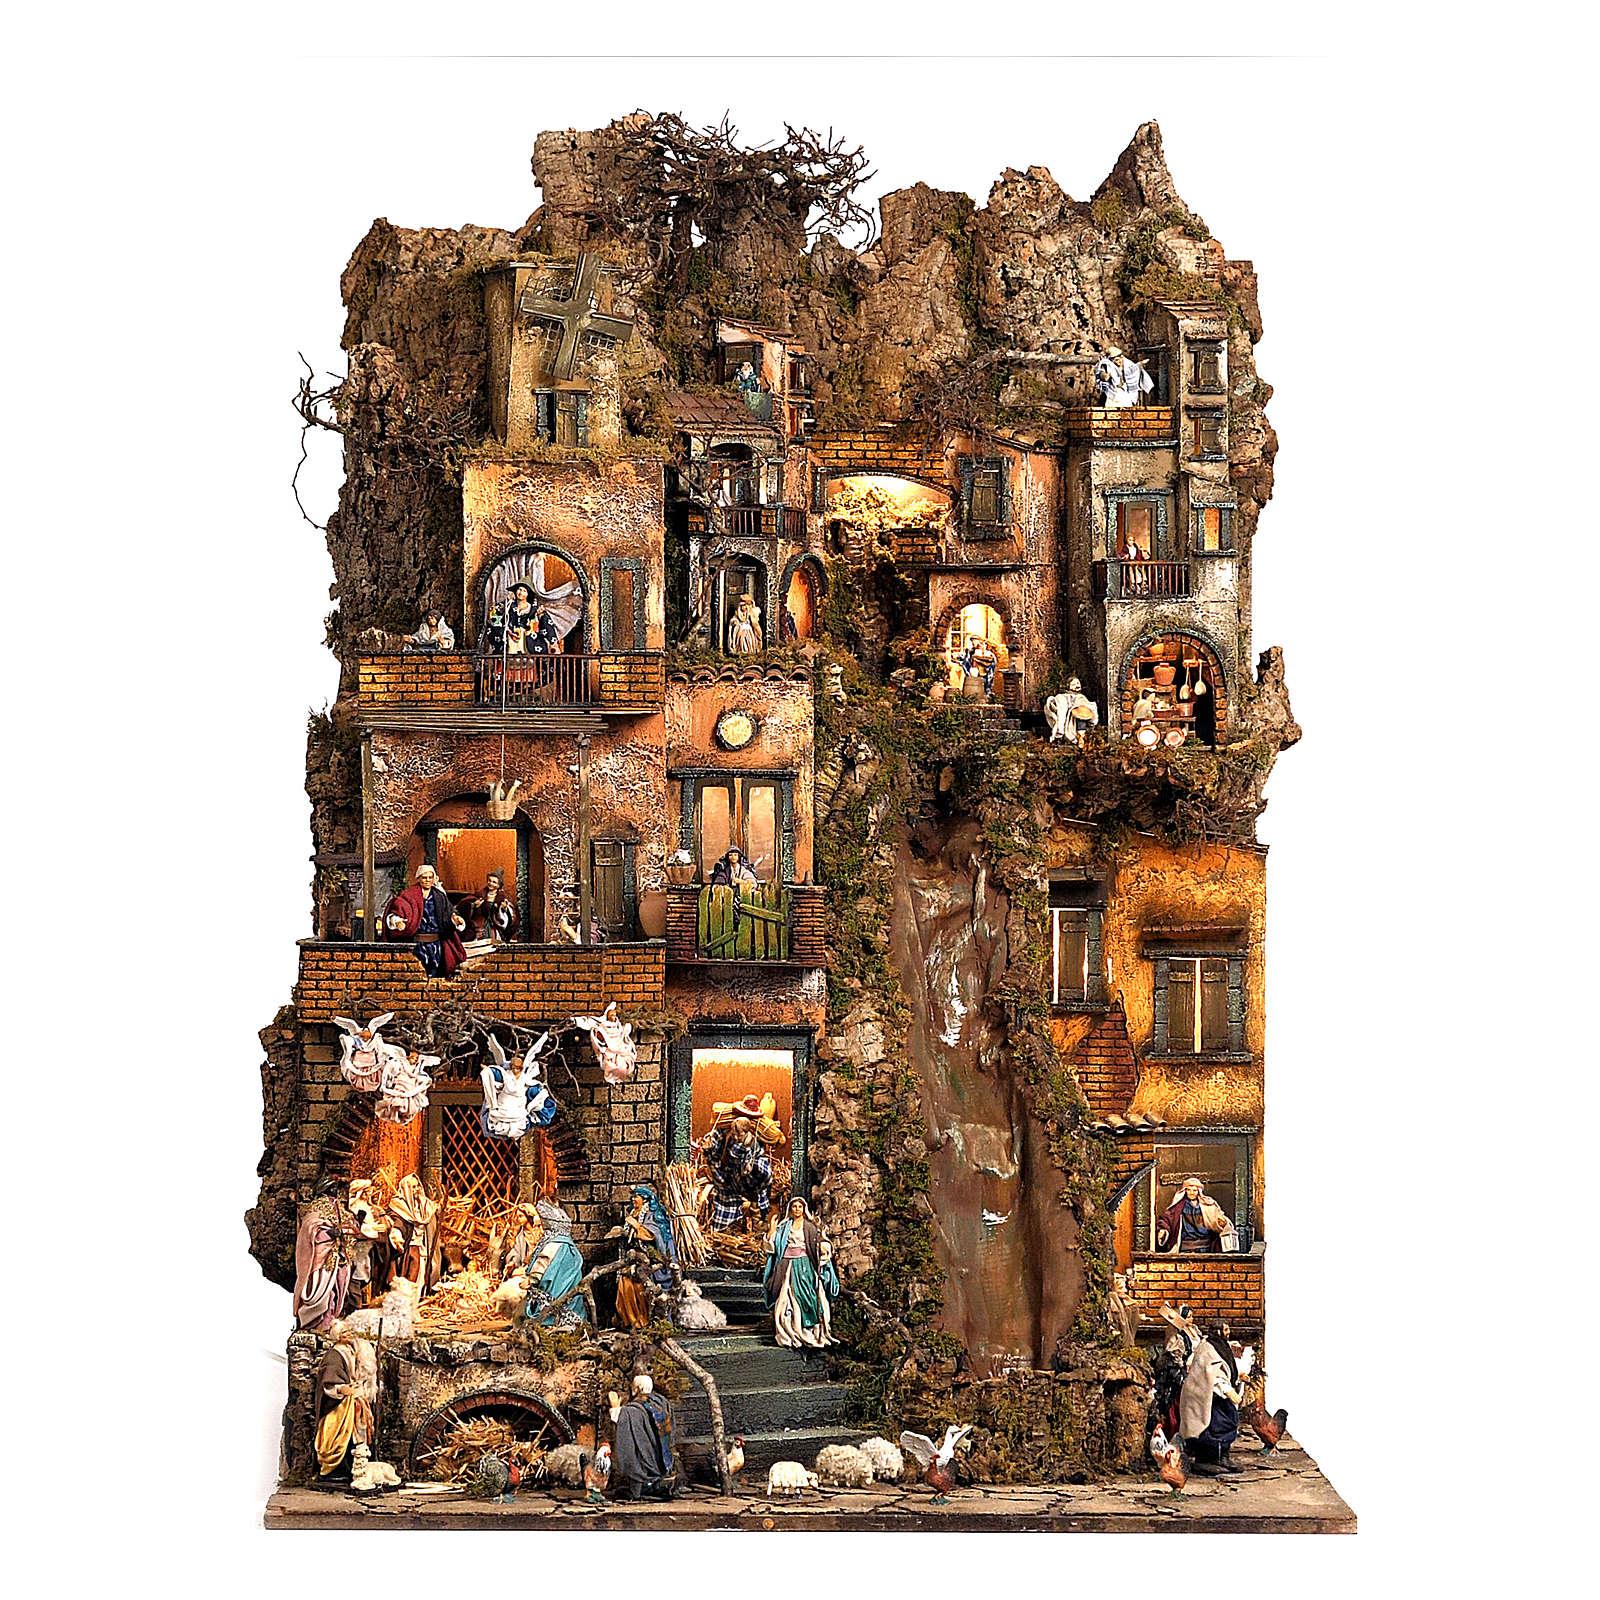 Borgo presepe natività Napoli mod. B 120X100X100 cm, 7 mov, 34 past, ruscello luminoso - 14 cm 4